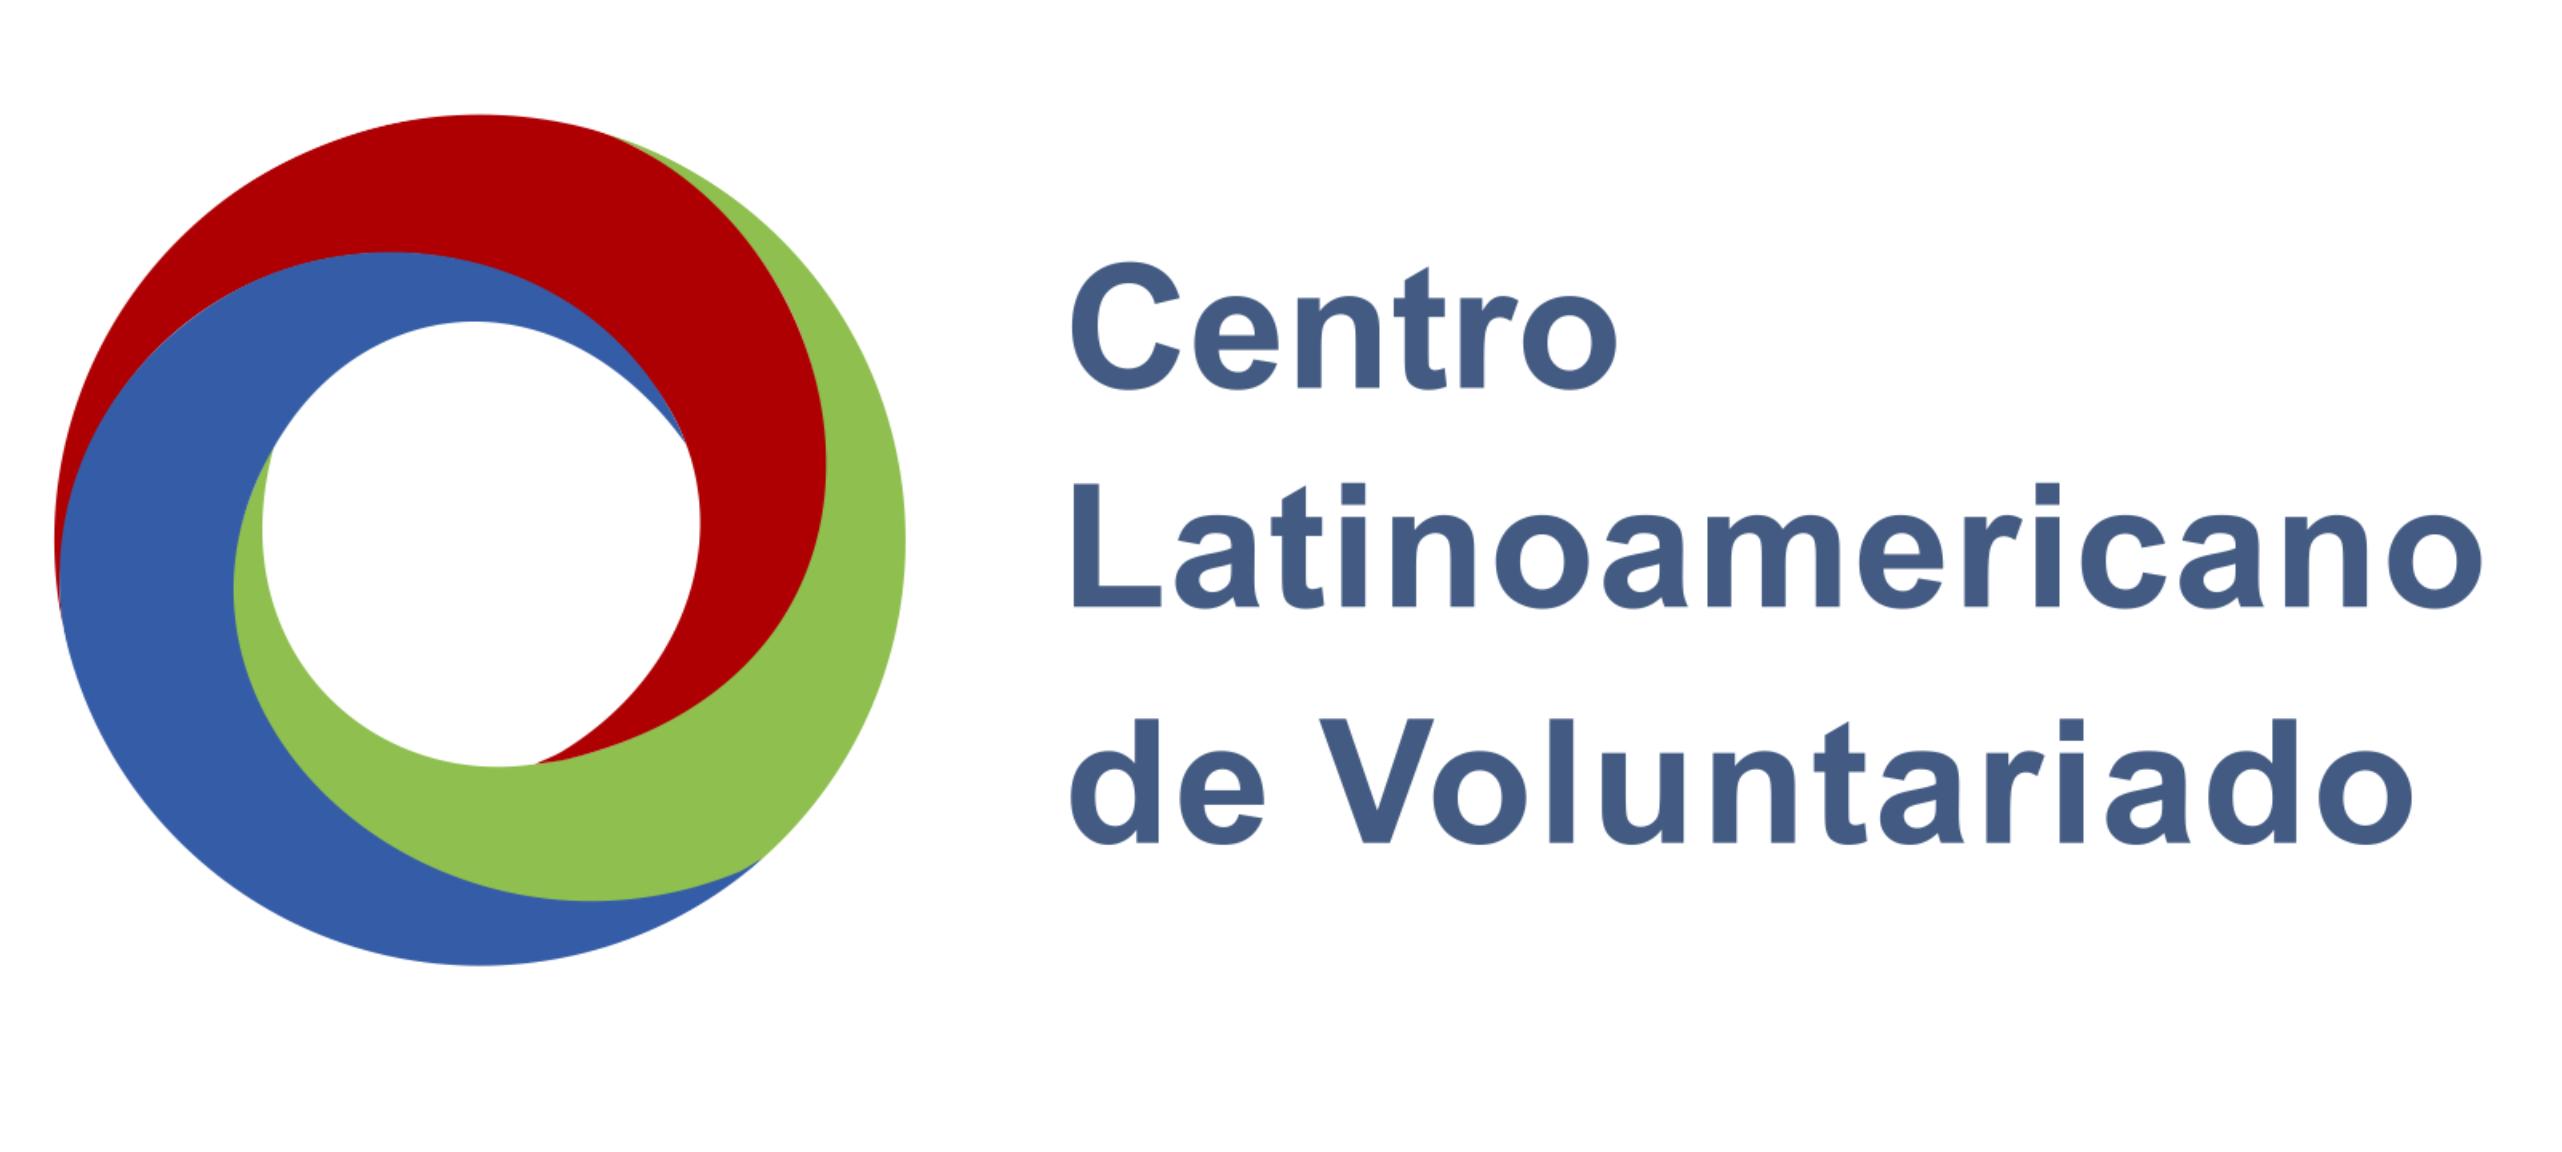 Fundación Centro Latinoamericano de Voluntariado